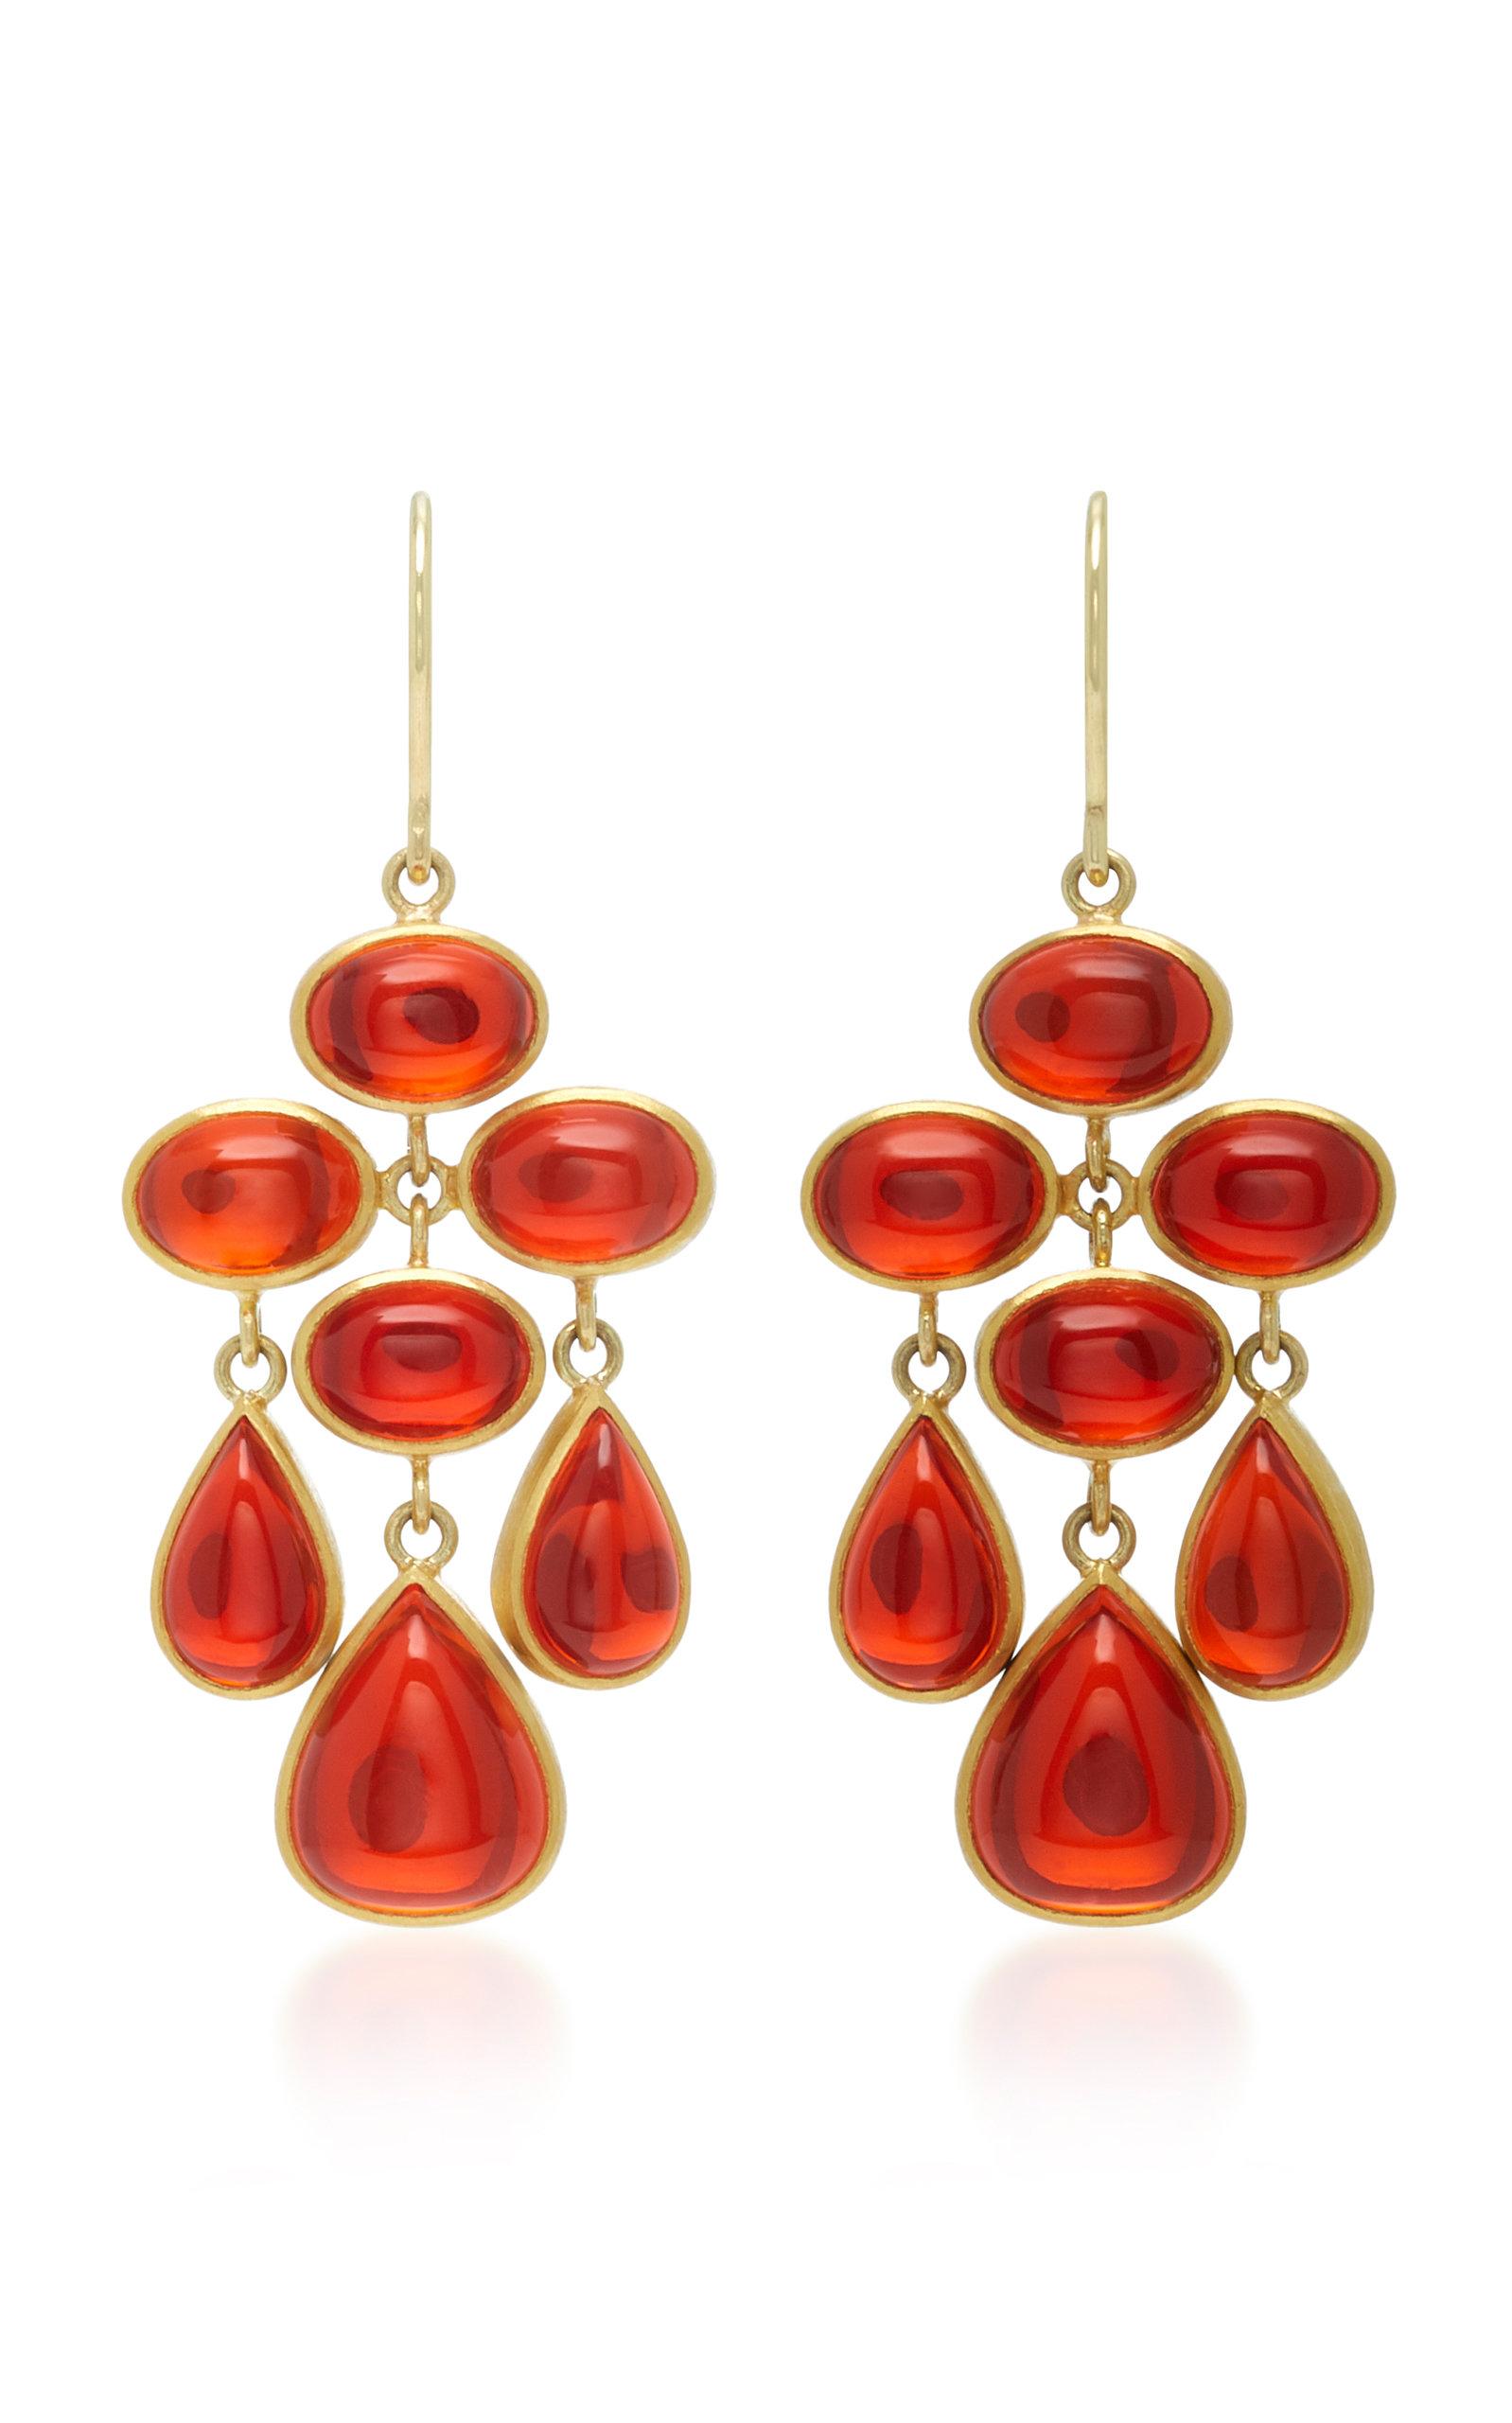 Mallary Marks Tze 18k Gold Cabochon Fire Opal Earrings In Orange